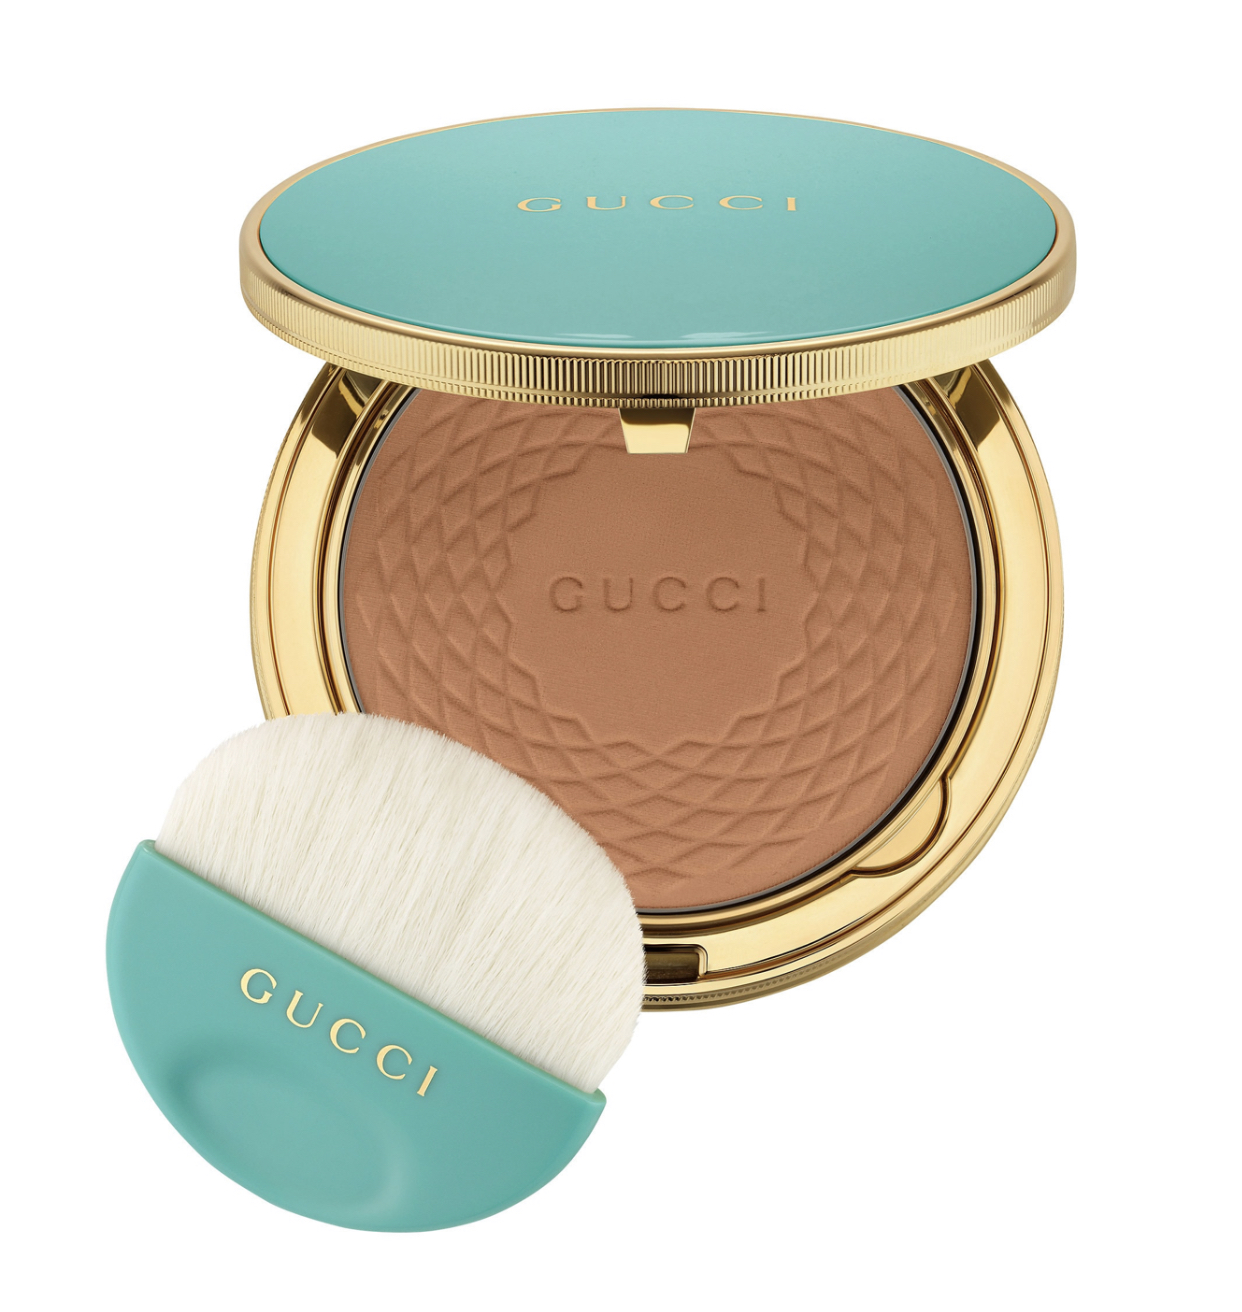 Gucci Poudre De Beauté Éclat Soleil Bronzing Powder